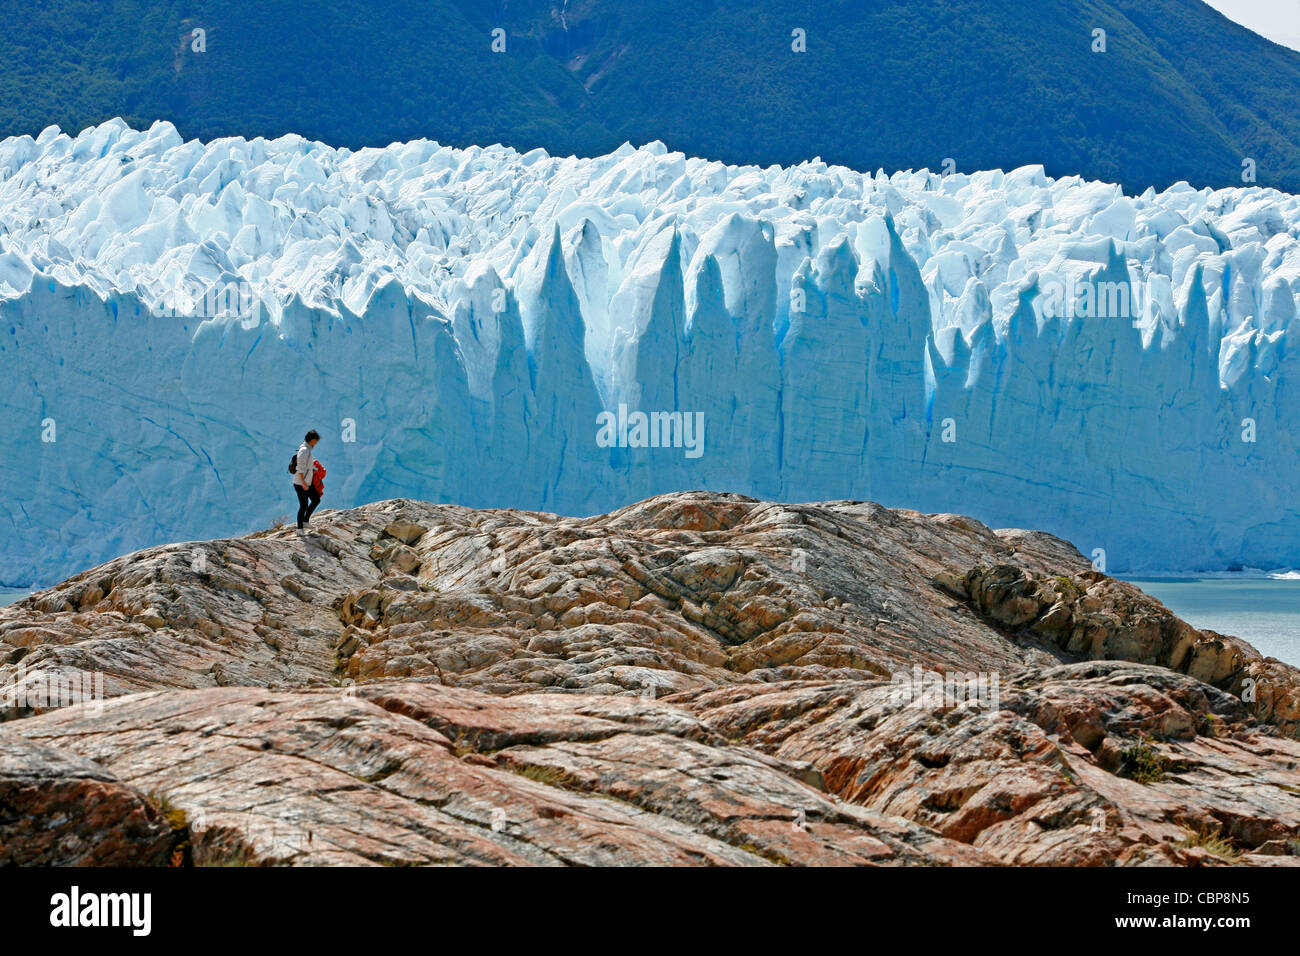 Perito Moreno glacier. Los Glaciares National Park, El Calafate area, Santa Cruz province. Patagonia. Argentina. - Stock Image